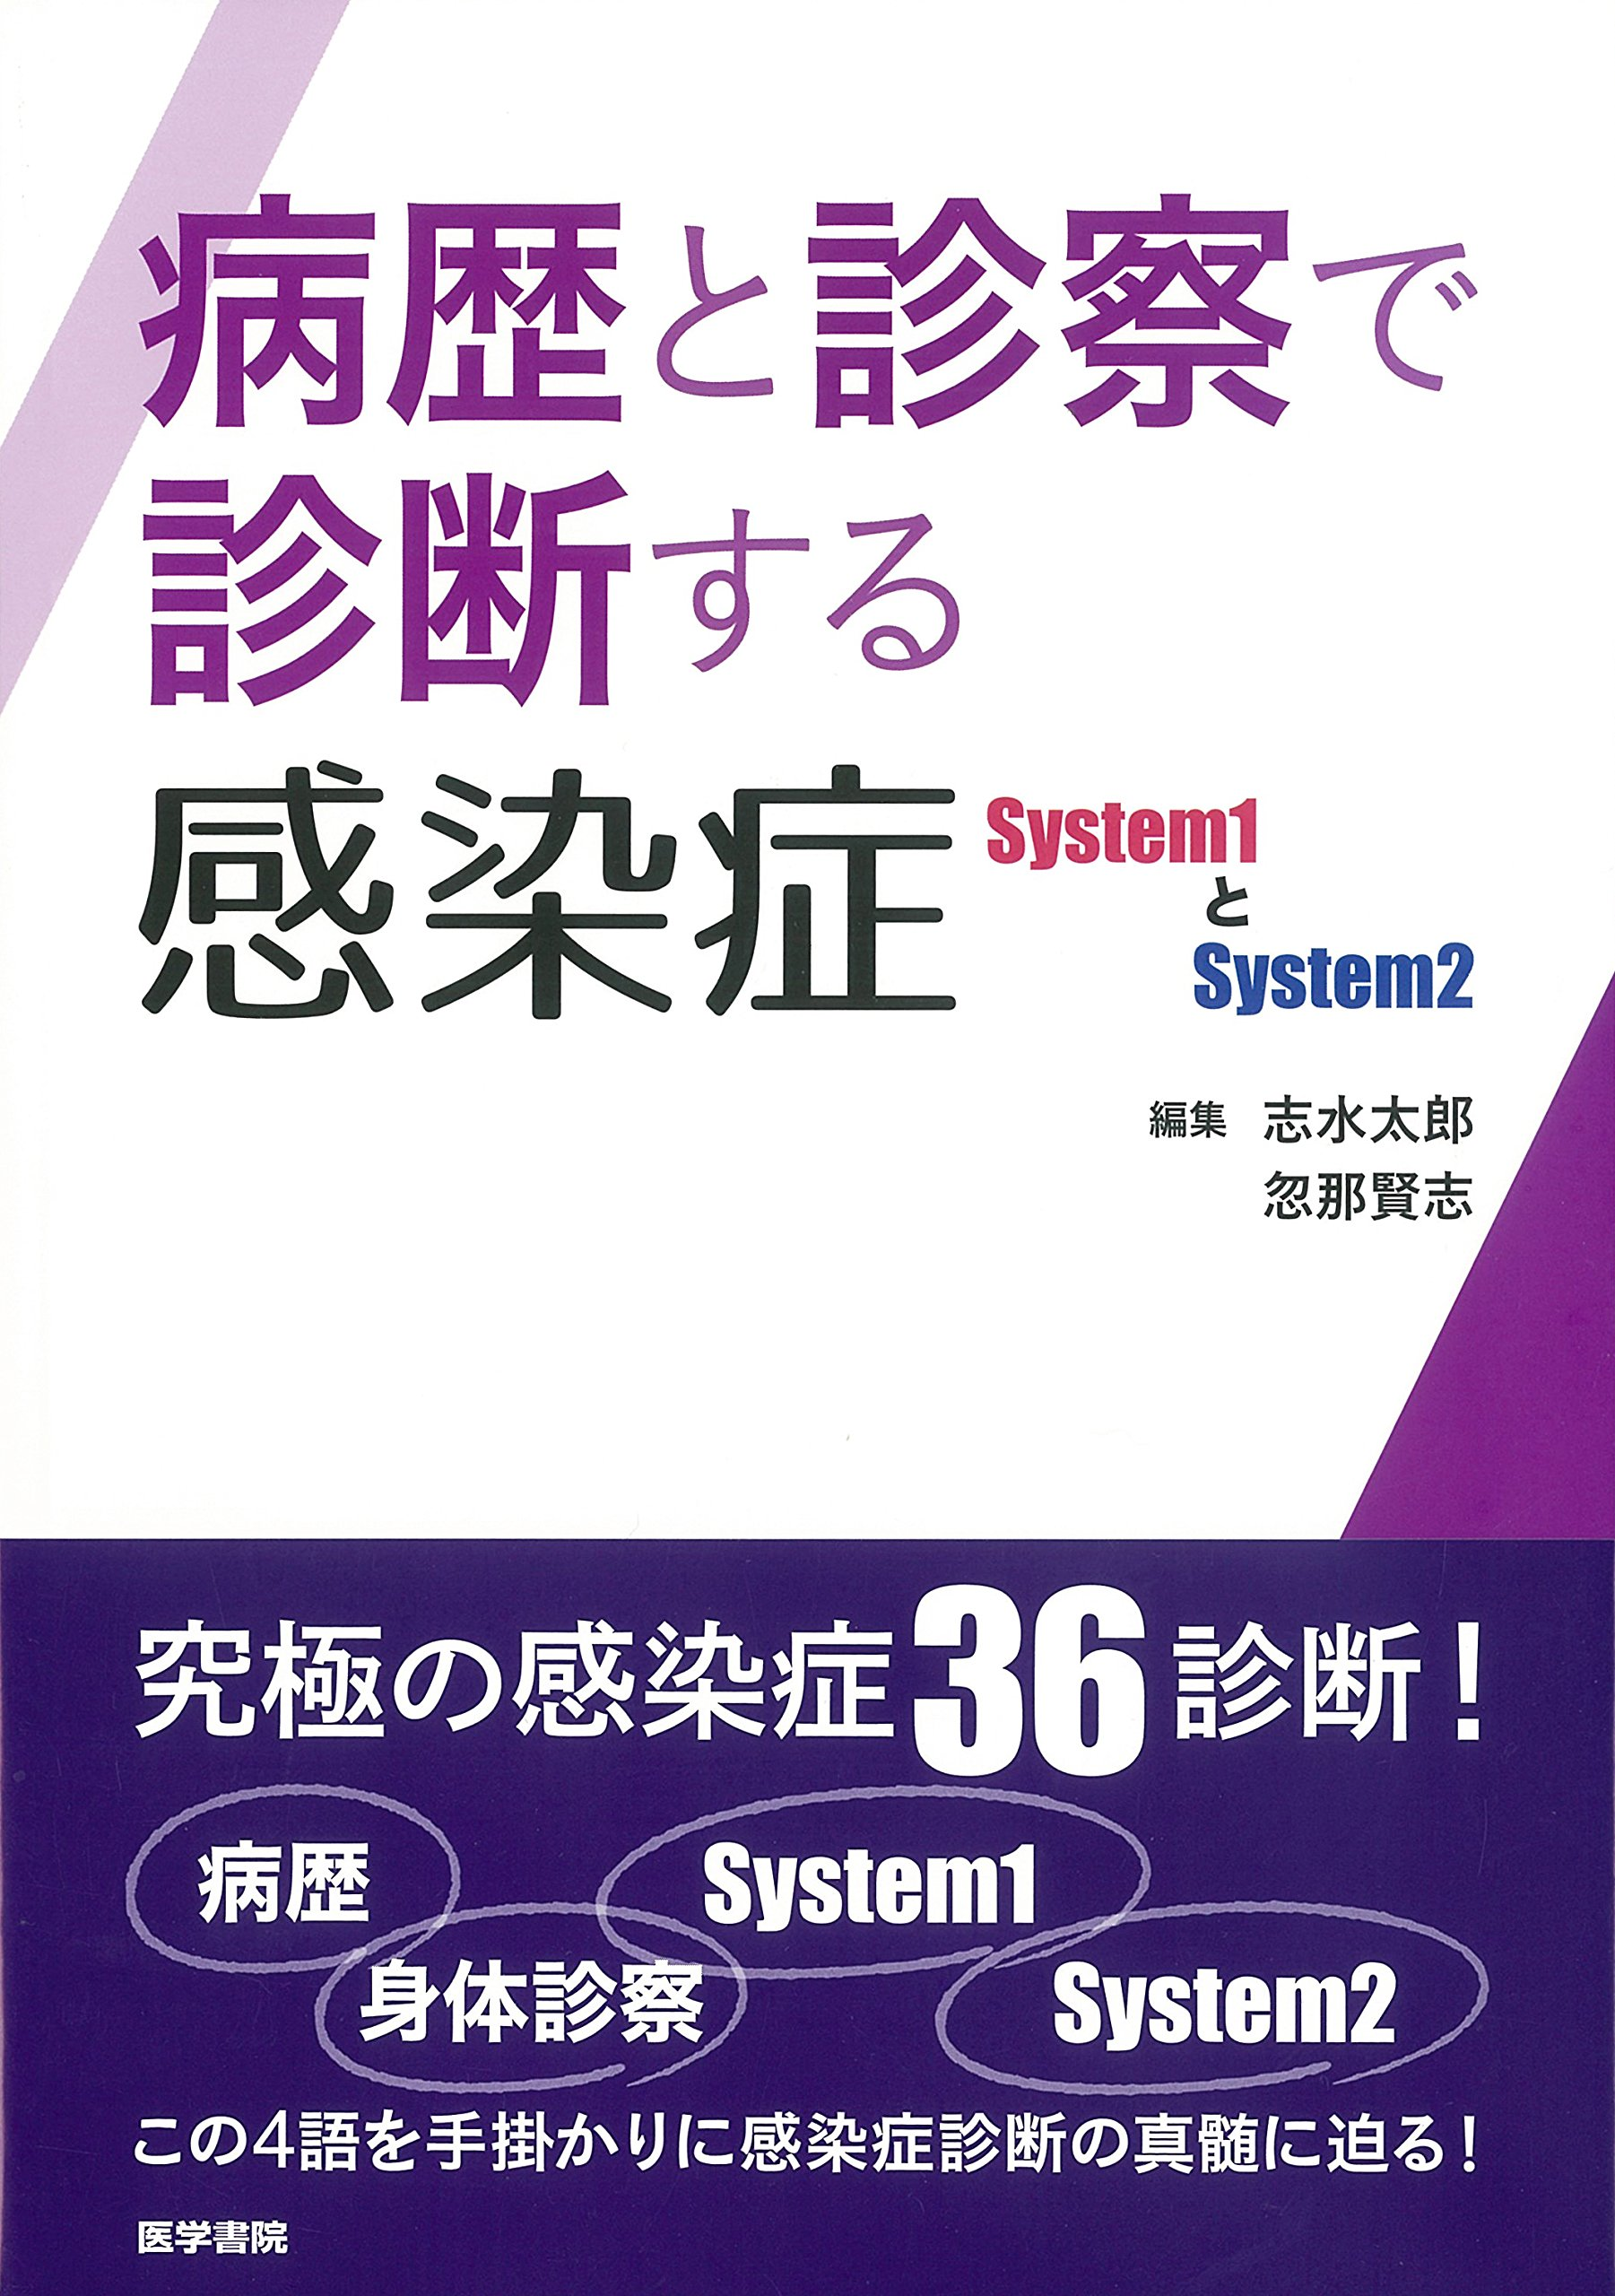 病歴と診察で診断する感染症 system1とsystem2 志水太郎 忽那賢志